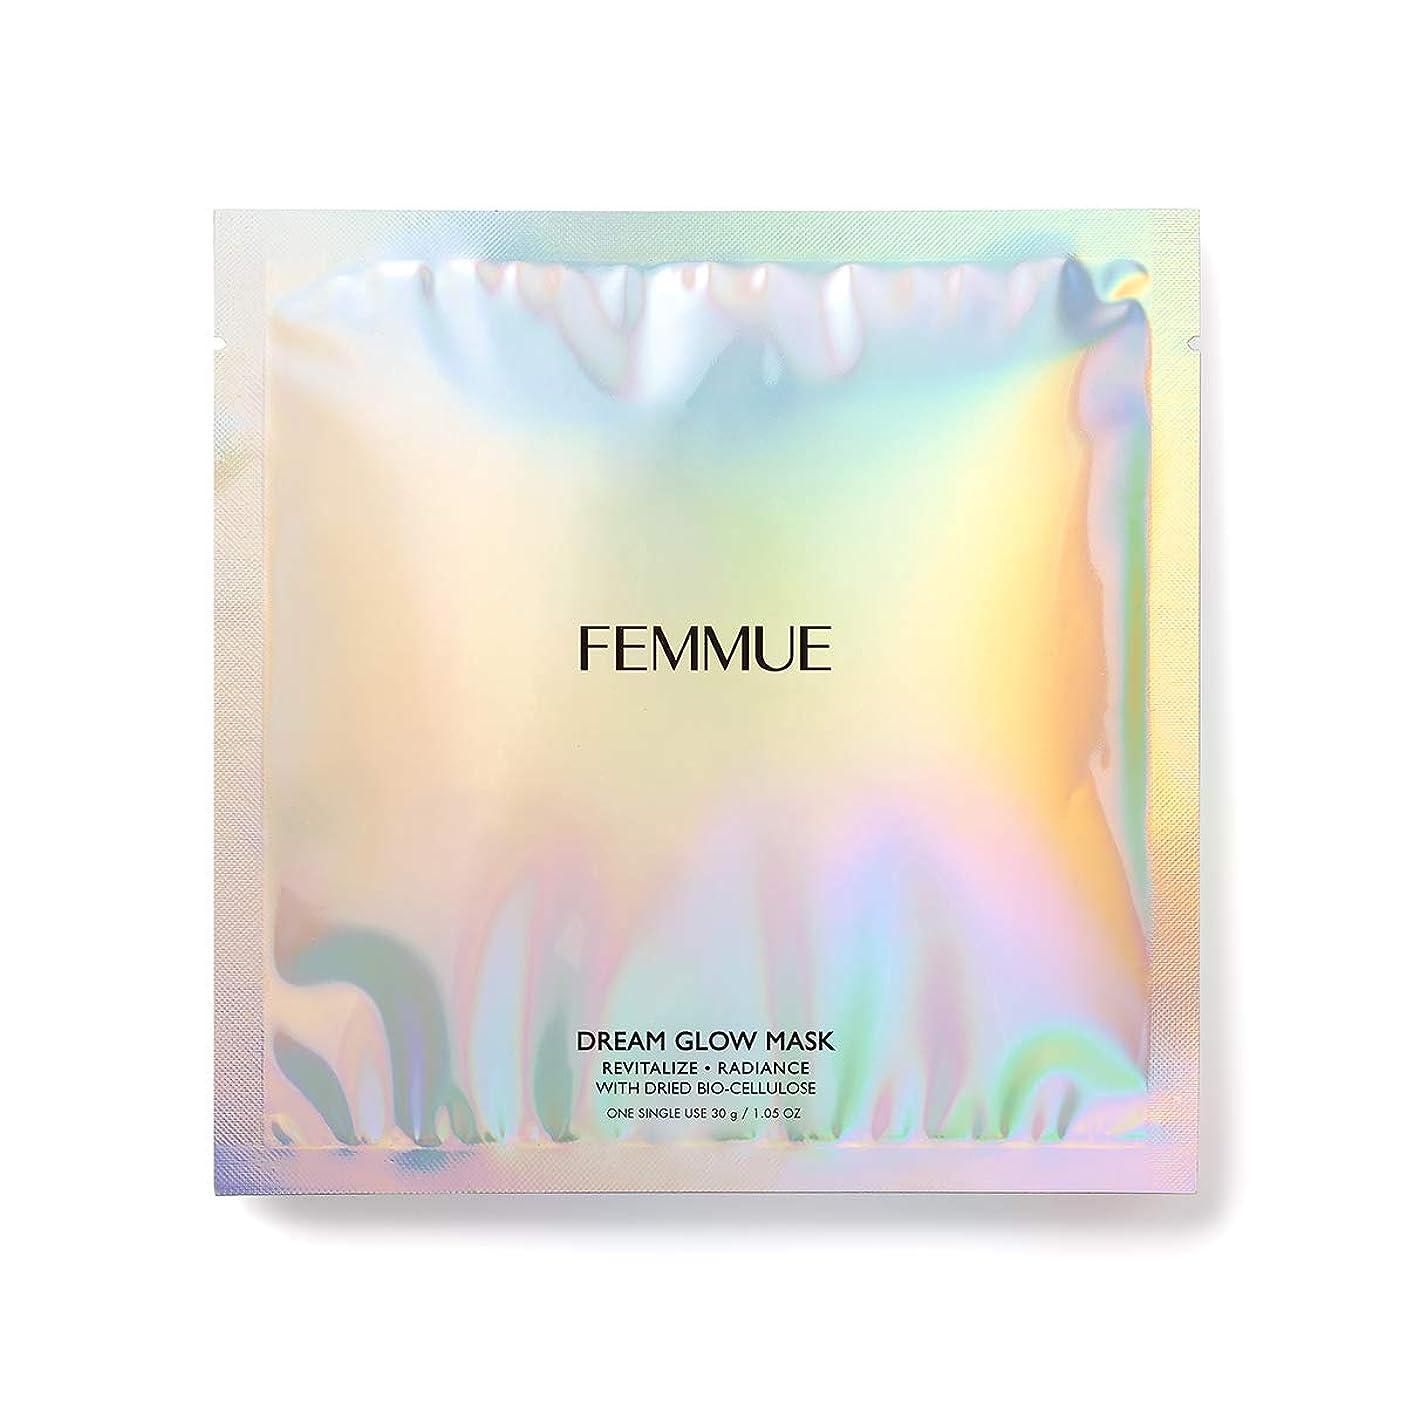 損傷専門知識小説FEMMUE(ファミュ) ドリームグロウマスクRR[透明感*?キメ]30mL×6枚入